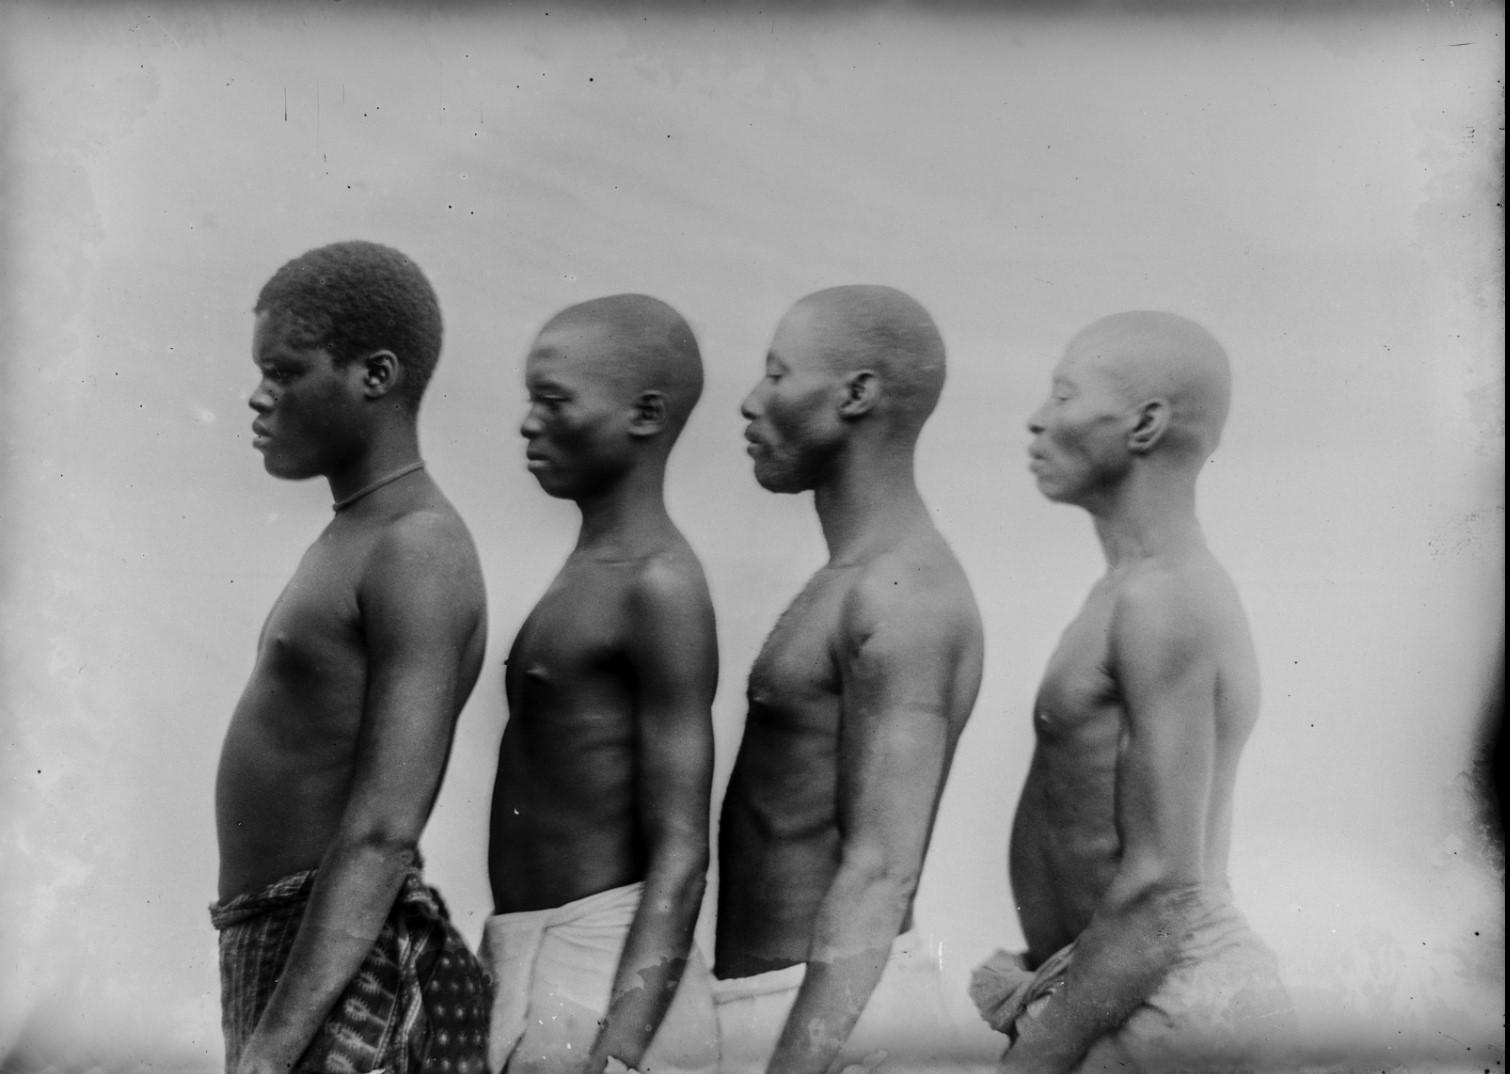 110. Антропометрическое изображение четырех мужчин Ньясы.jpg